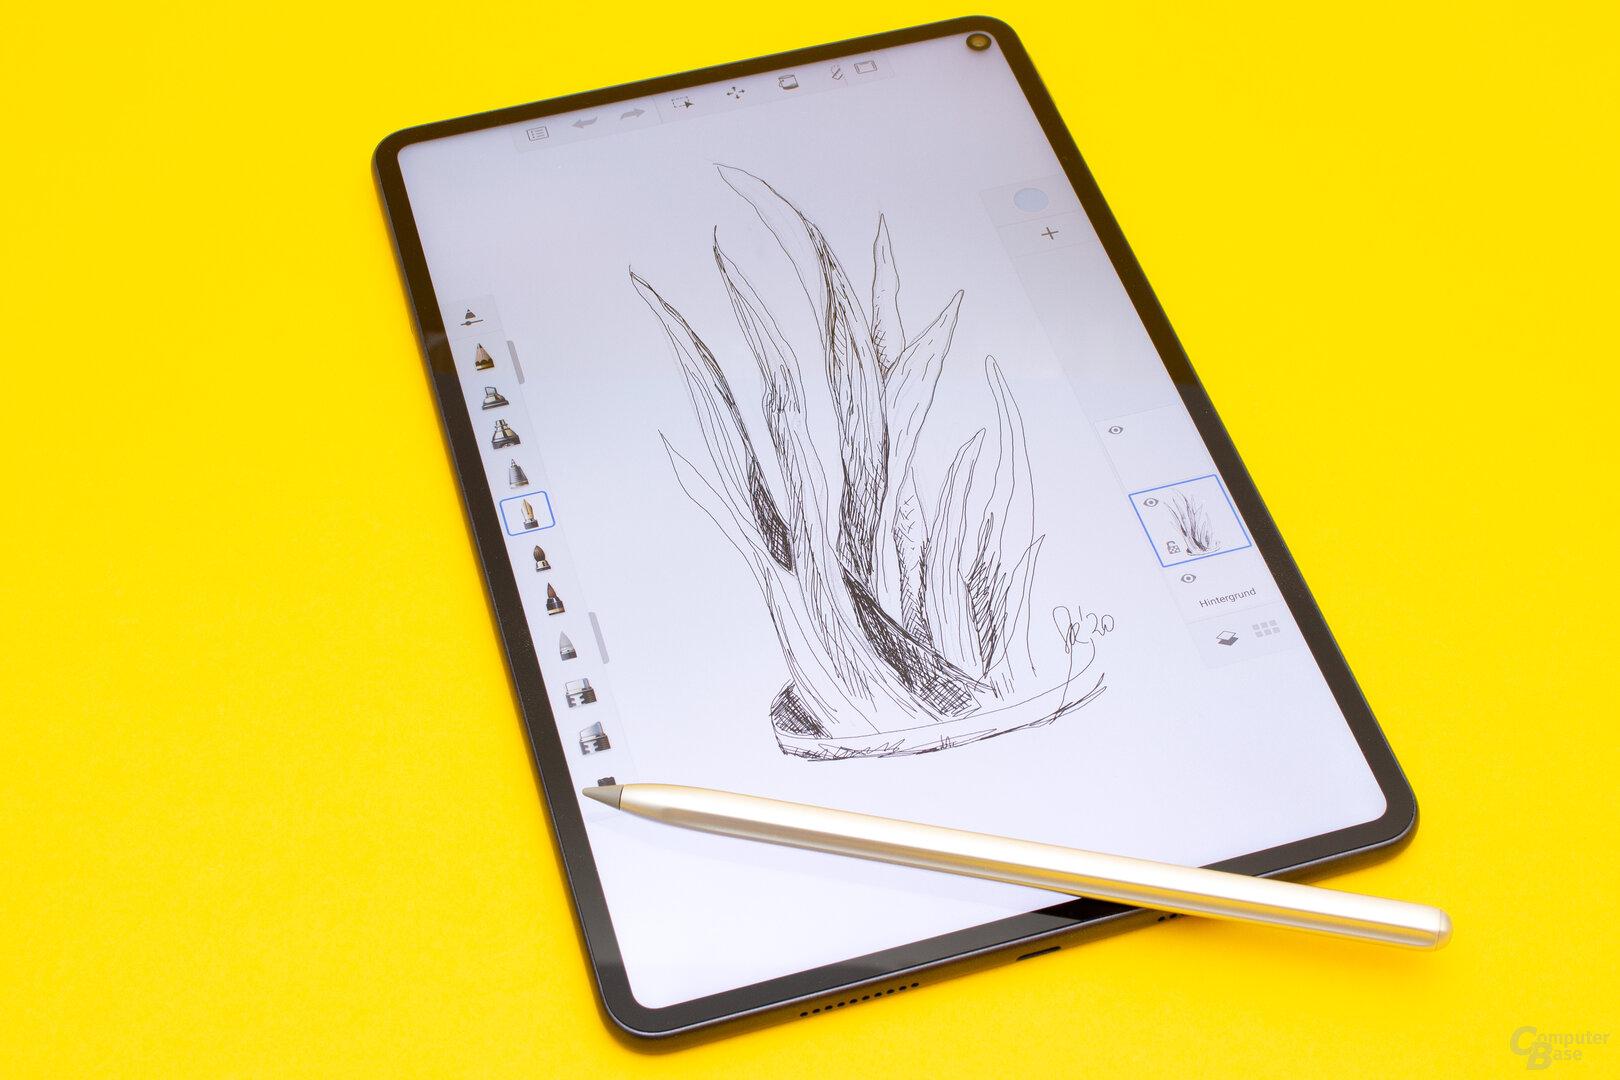 Das MatePad Pro eignet sich auch sehr gut zum Zeichnen